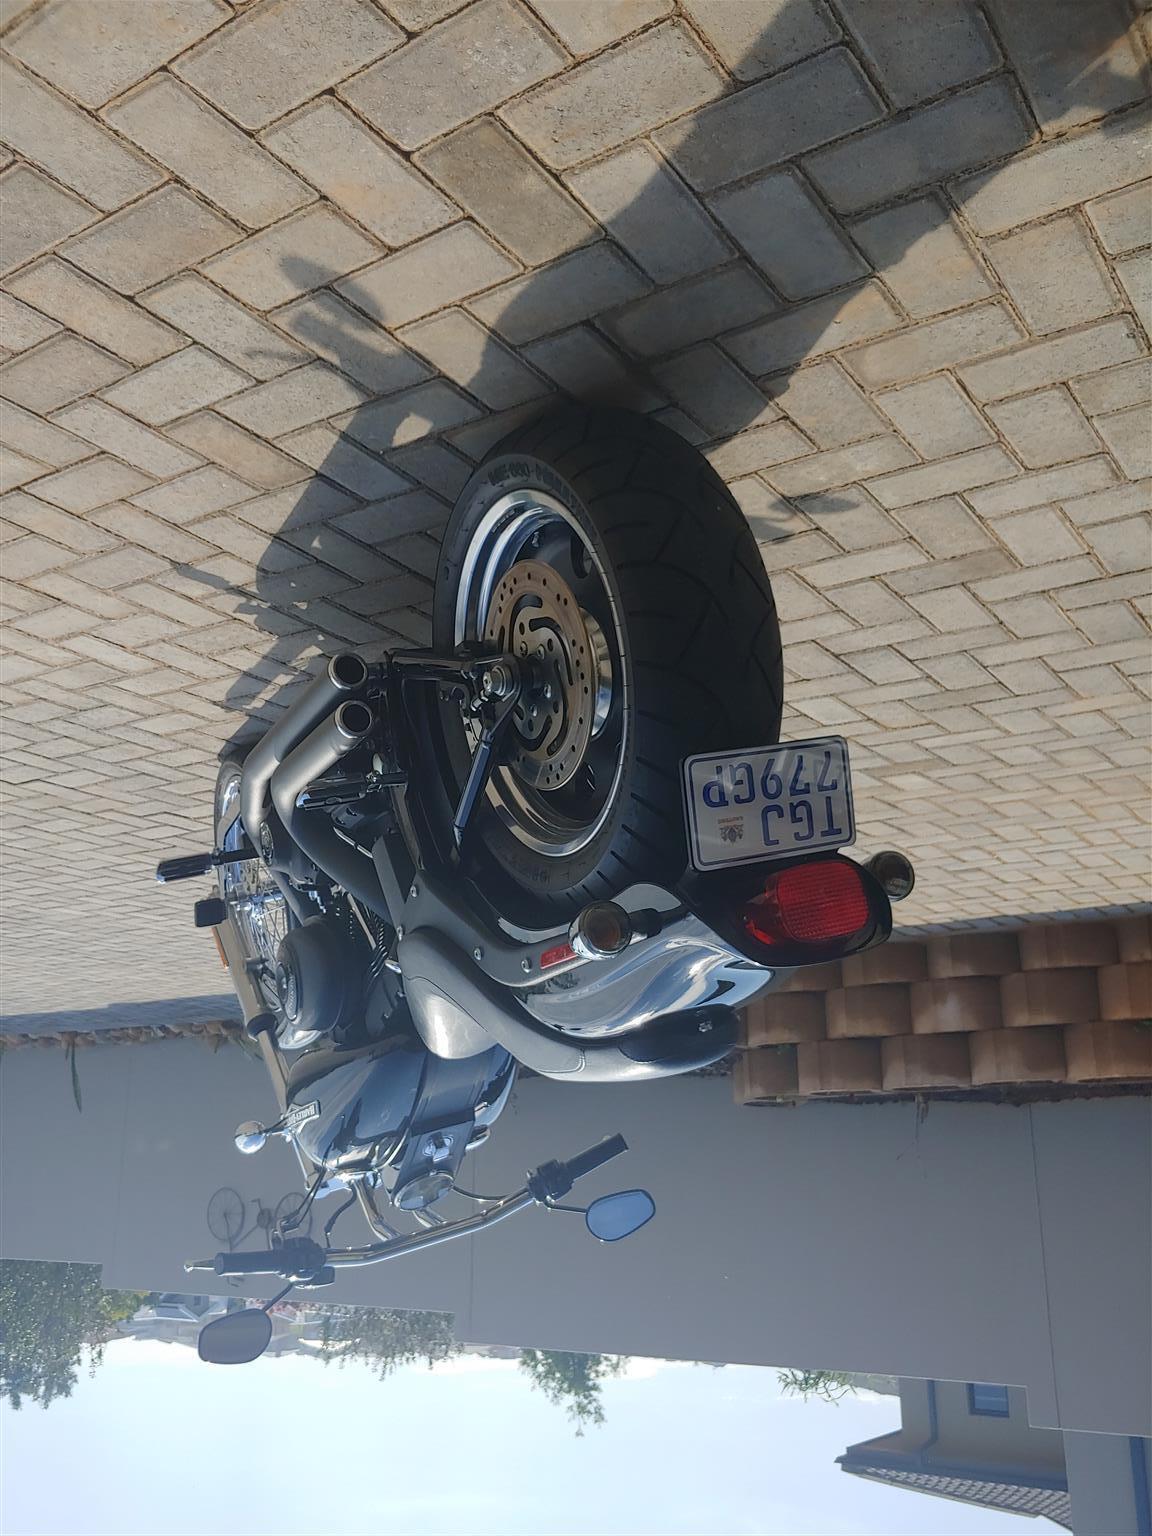 2006 Harley Davidson nighttrain softtail